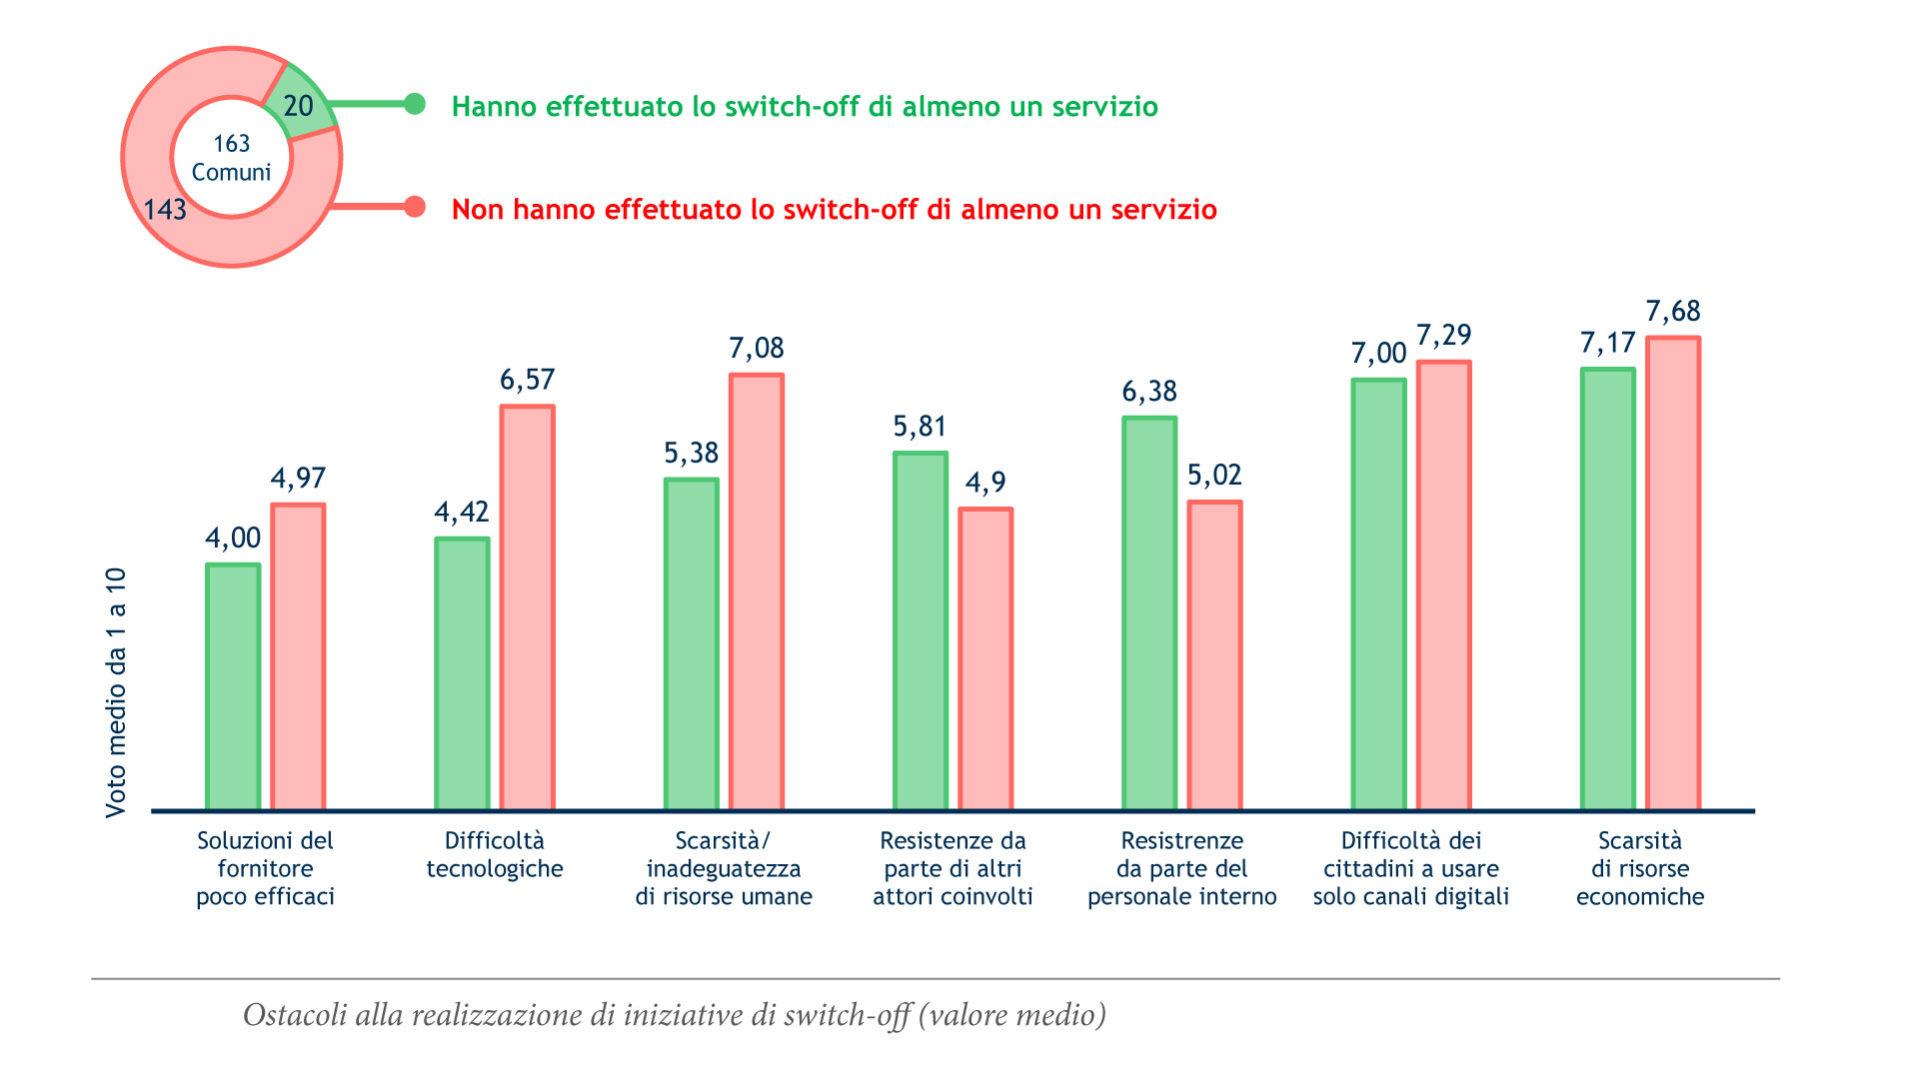 grafico che mostra gli Ostacoli alla realizzazione del switch-off di servizi